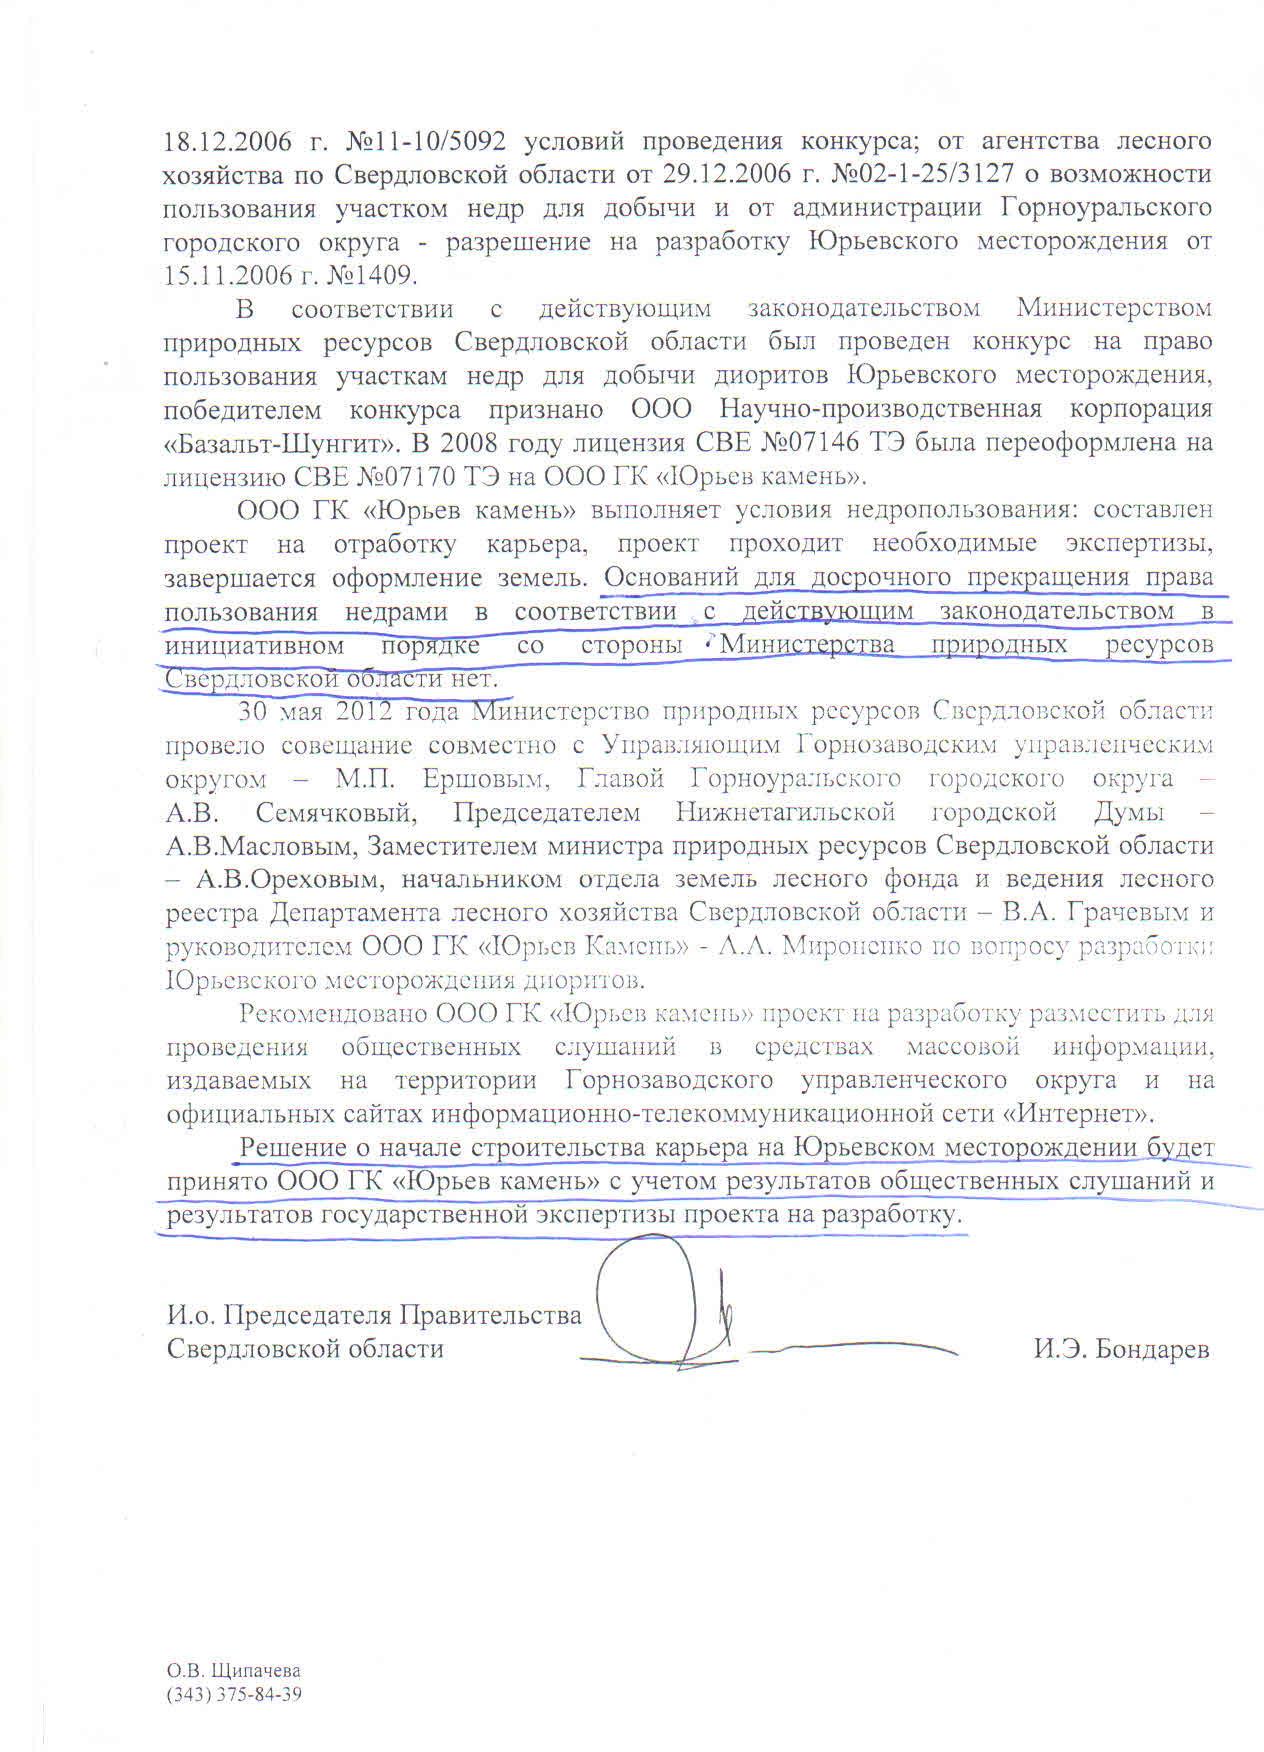 Ответ Правительства СО по Юрьеву Камню1